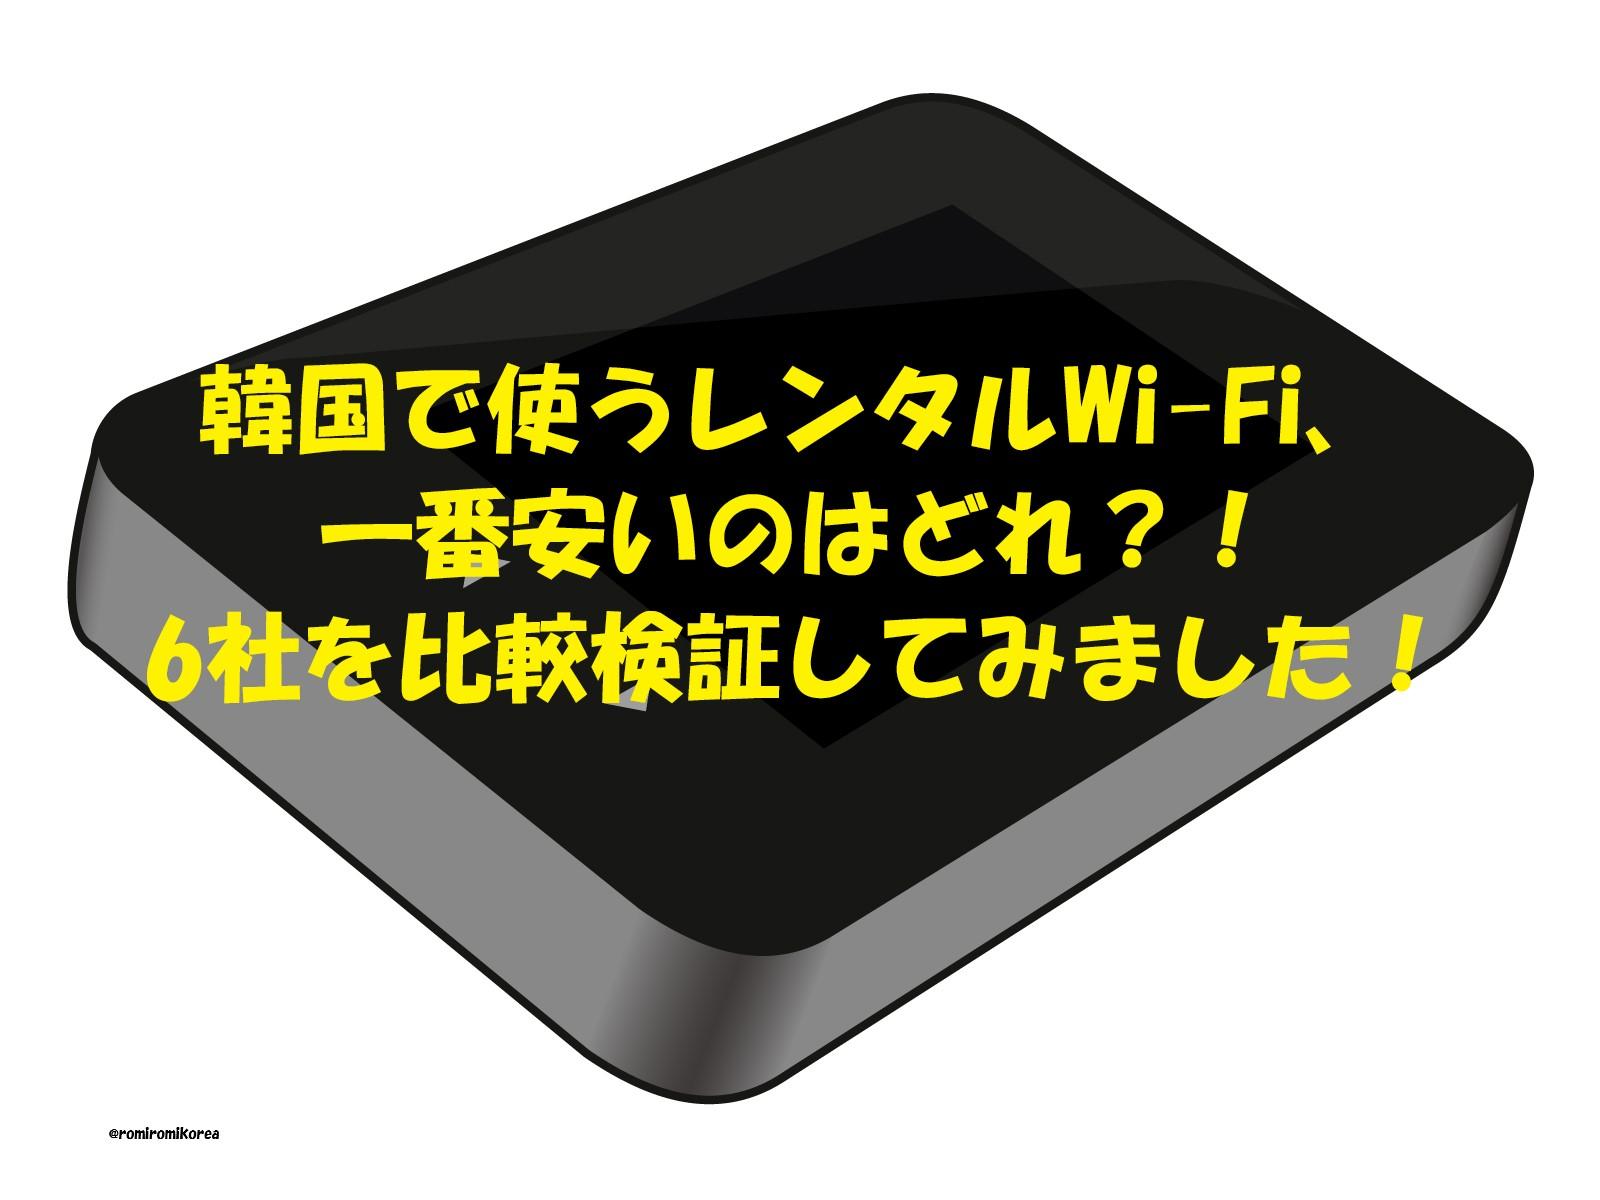 韓国で使うレンタルWi-Fi、一番安いのはどれ?!6社を比較検証して、まとめてみました!